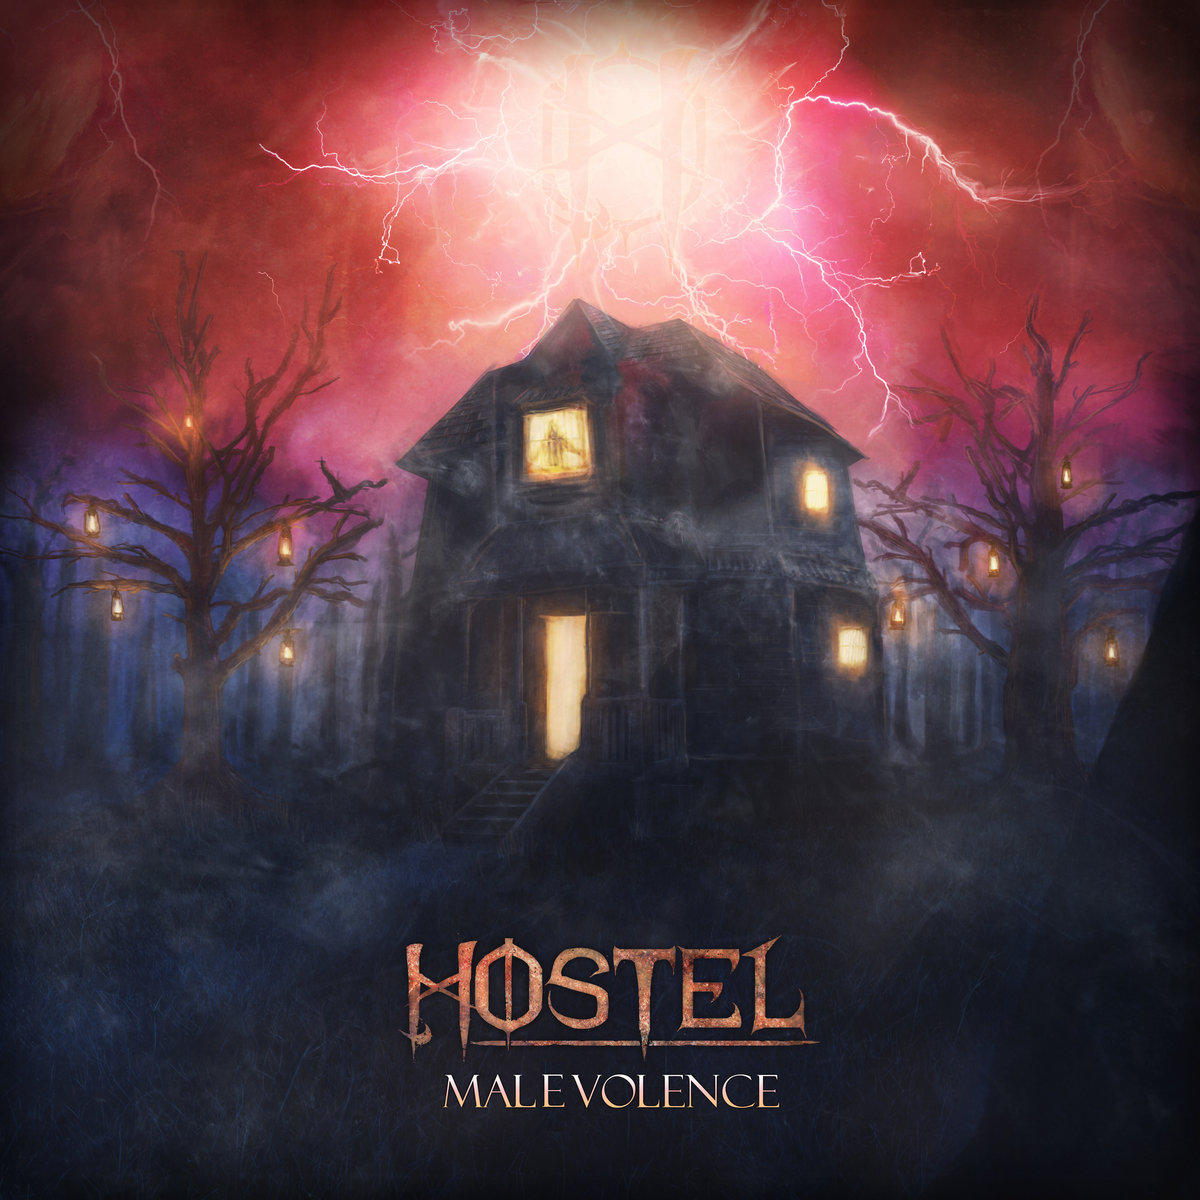 Hostel - Malevolence (2018)